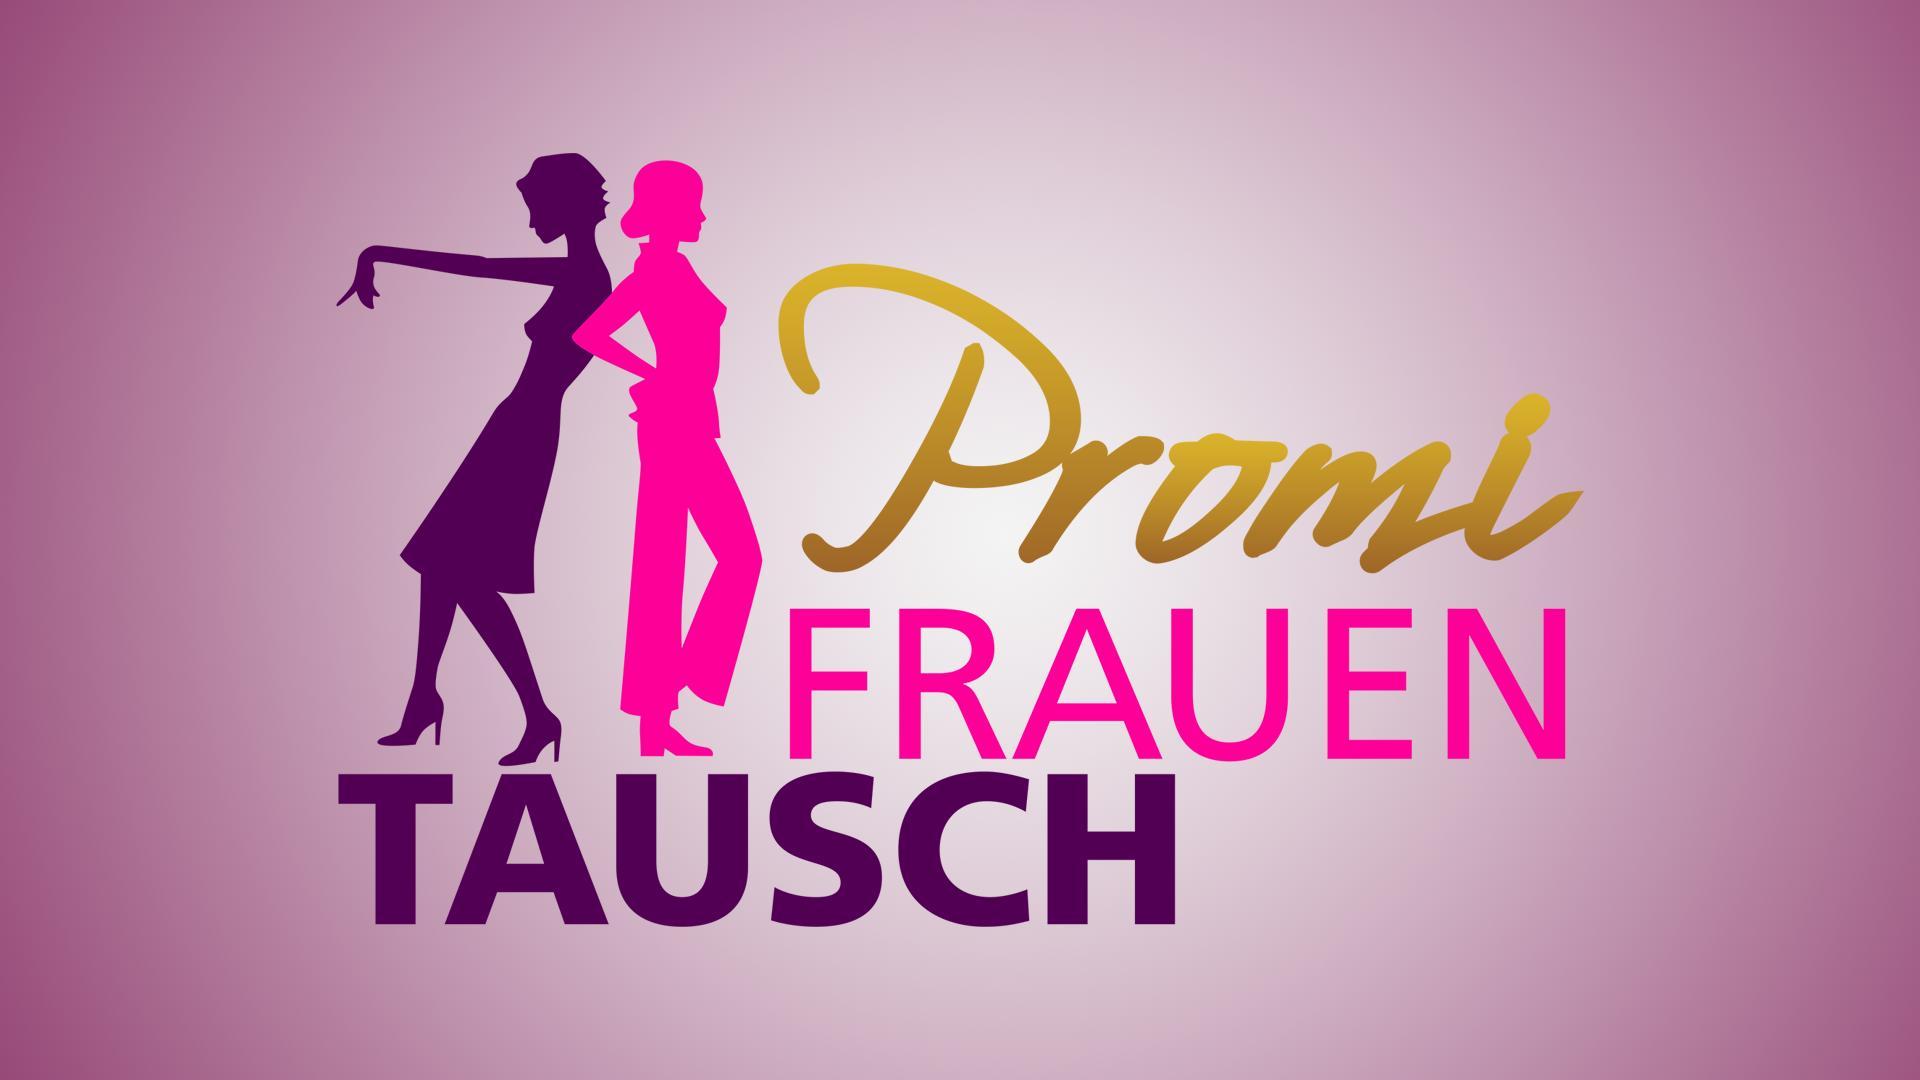 Promi-Frauentausch